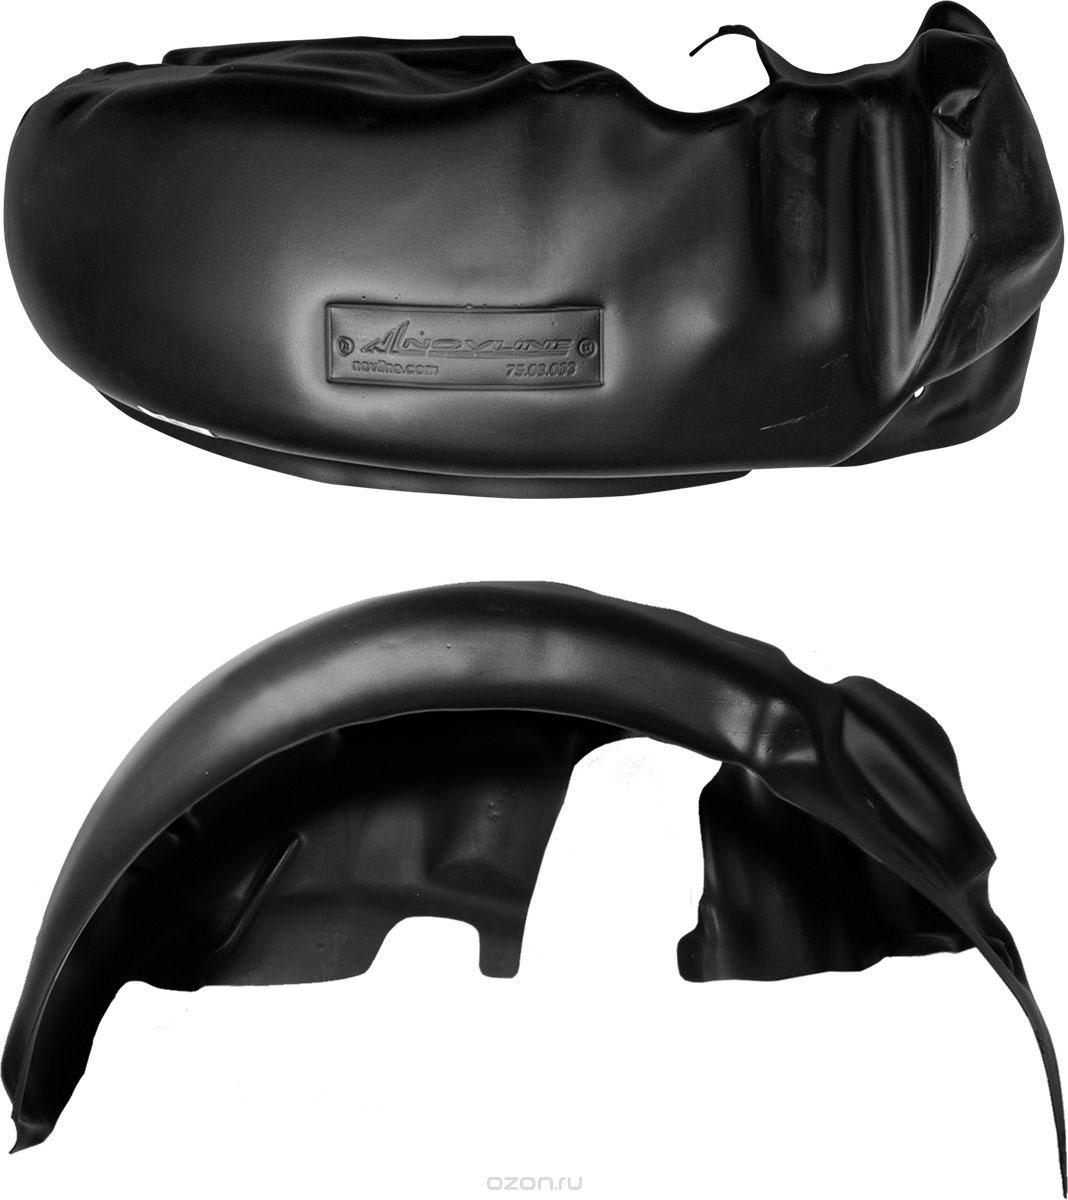 Подкрылок Novline-Autofamily, для CITROEN Jumper 08/2014->, без расширителей арок, передний левыйNLL.10.20.001Идеальная защита колесной ниши. Локеры разработаны с применением цифровых технологий, гарантируют максимальную повторяемость поверхности арки. Изделия устанавливаются без нарушения лакокрасочного покрытия автомобиля, каждый подкрылок комплектуется крепежом. Уважаемые клиенты, обращаем ваше внимание, что фотографии на подкрылки универсальные и не отражают реальную форму изделия. При этом само изделие идет точно под размер указанного автомобиля.